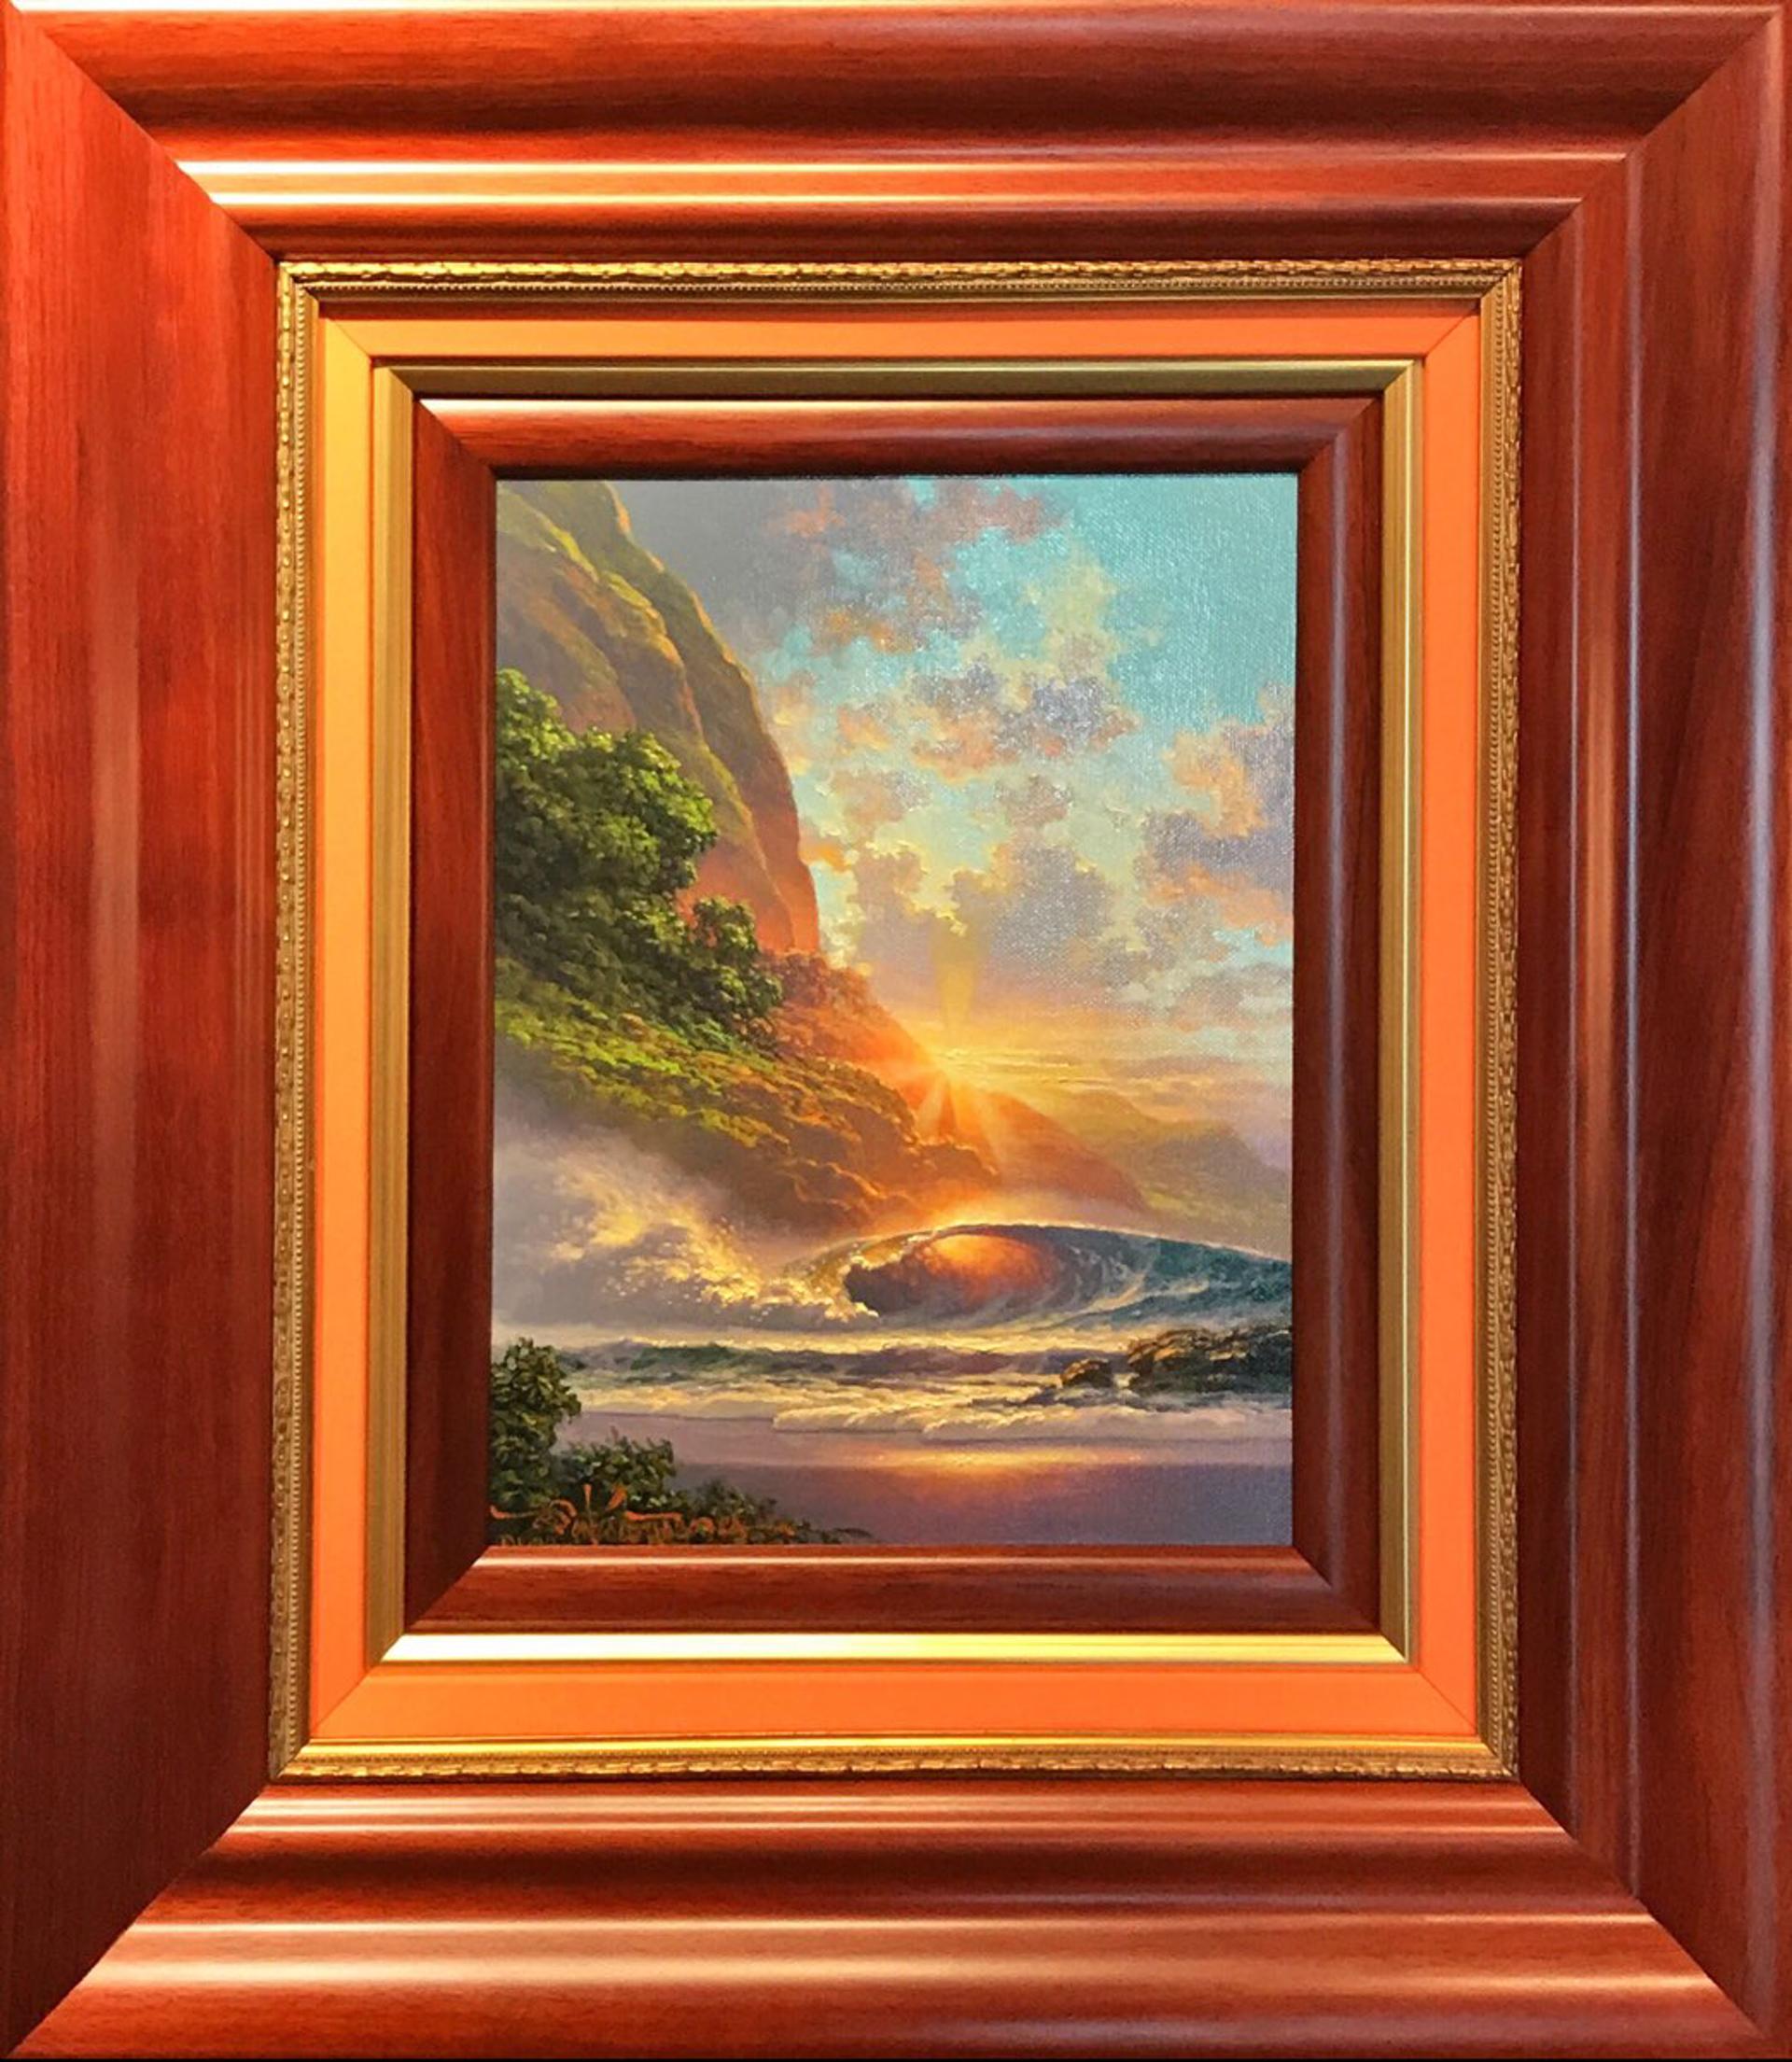 Break of Dawn by Roy Tabora